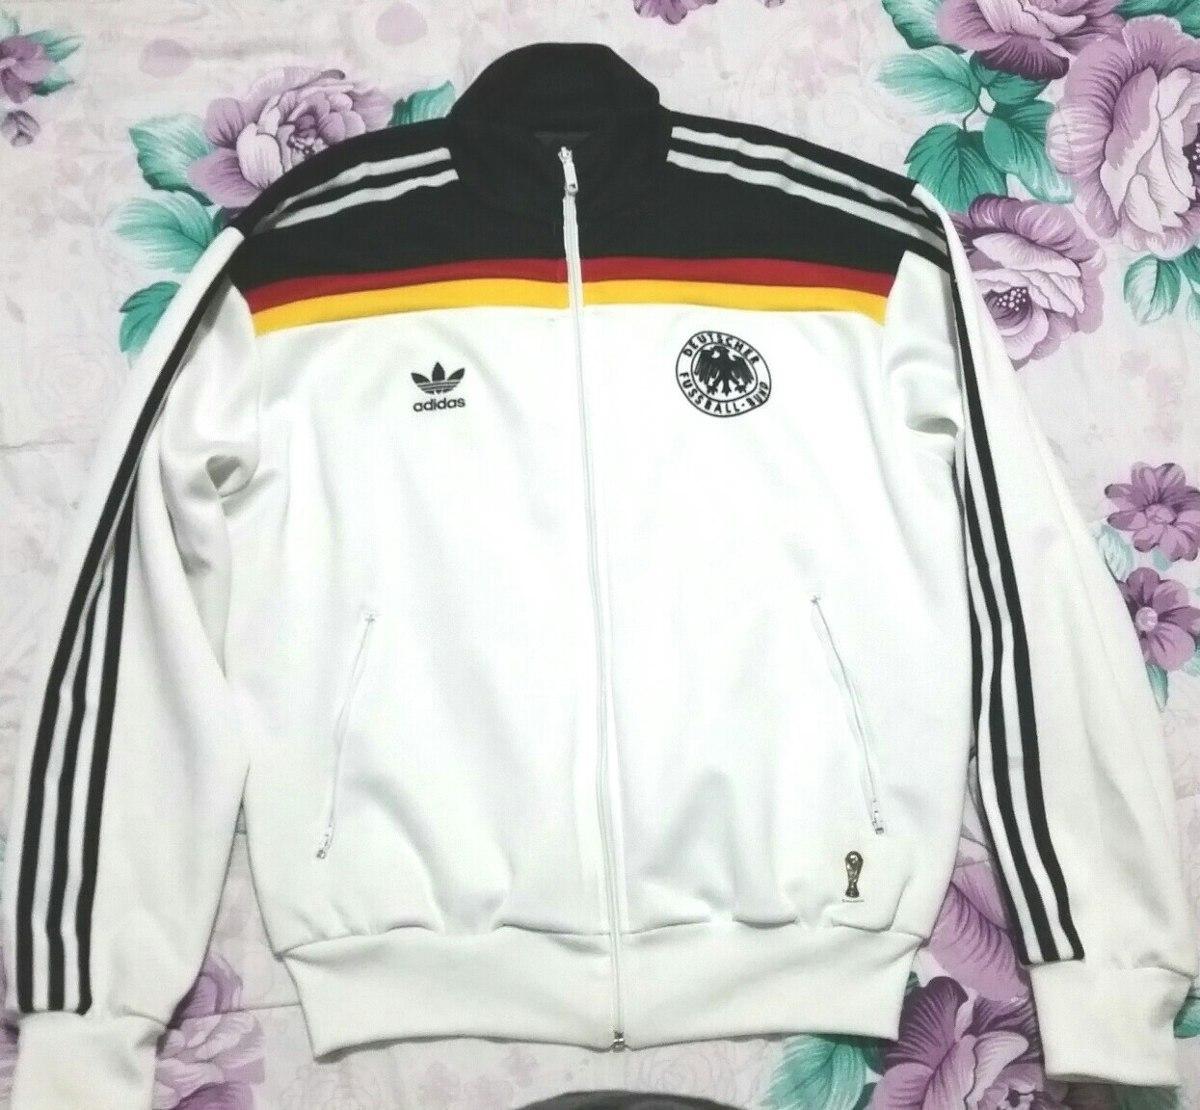 jaqueta adidas originals alemanha germany 1974. Carregando zoom. 387d8b8e7e300